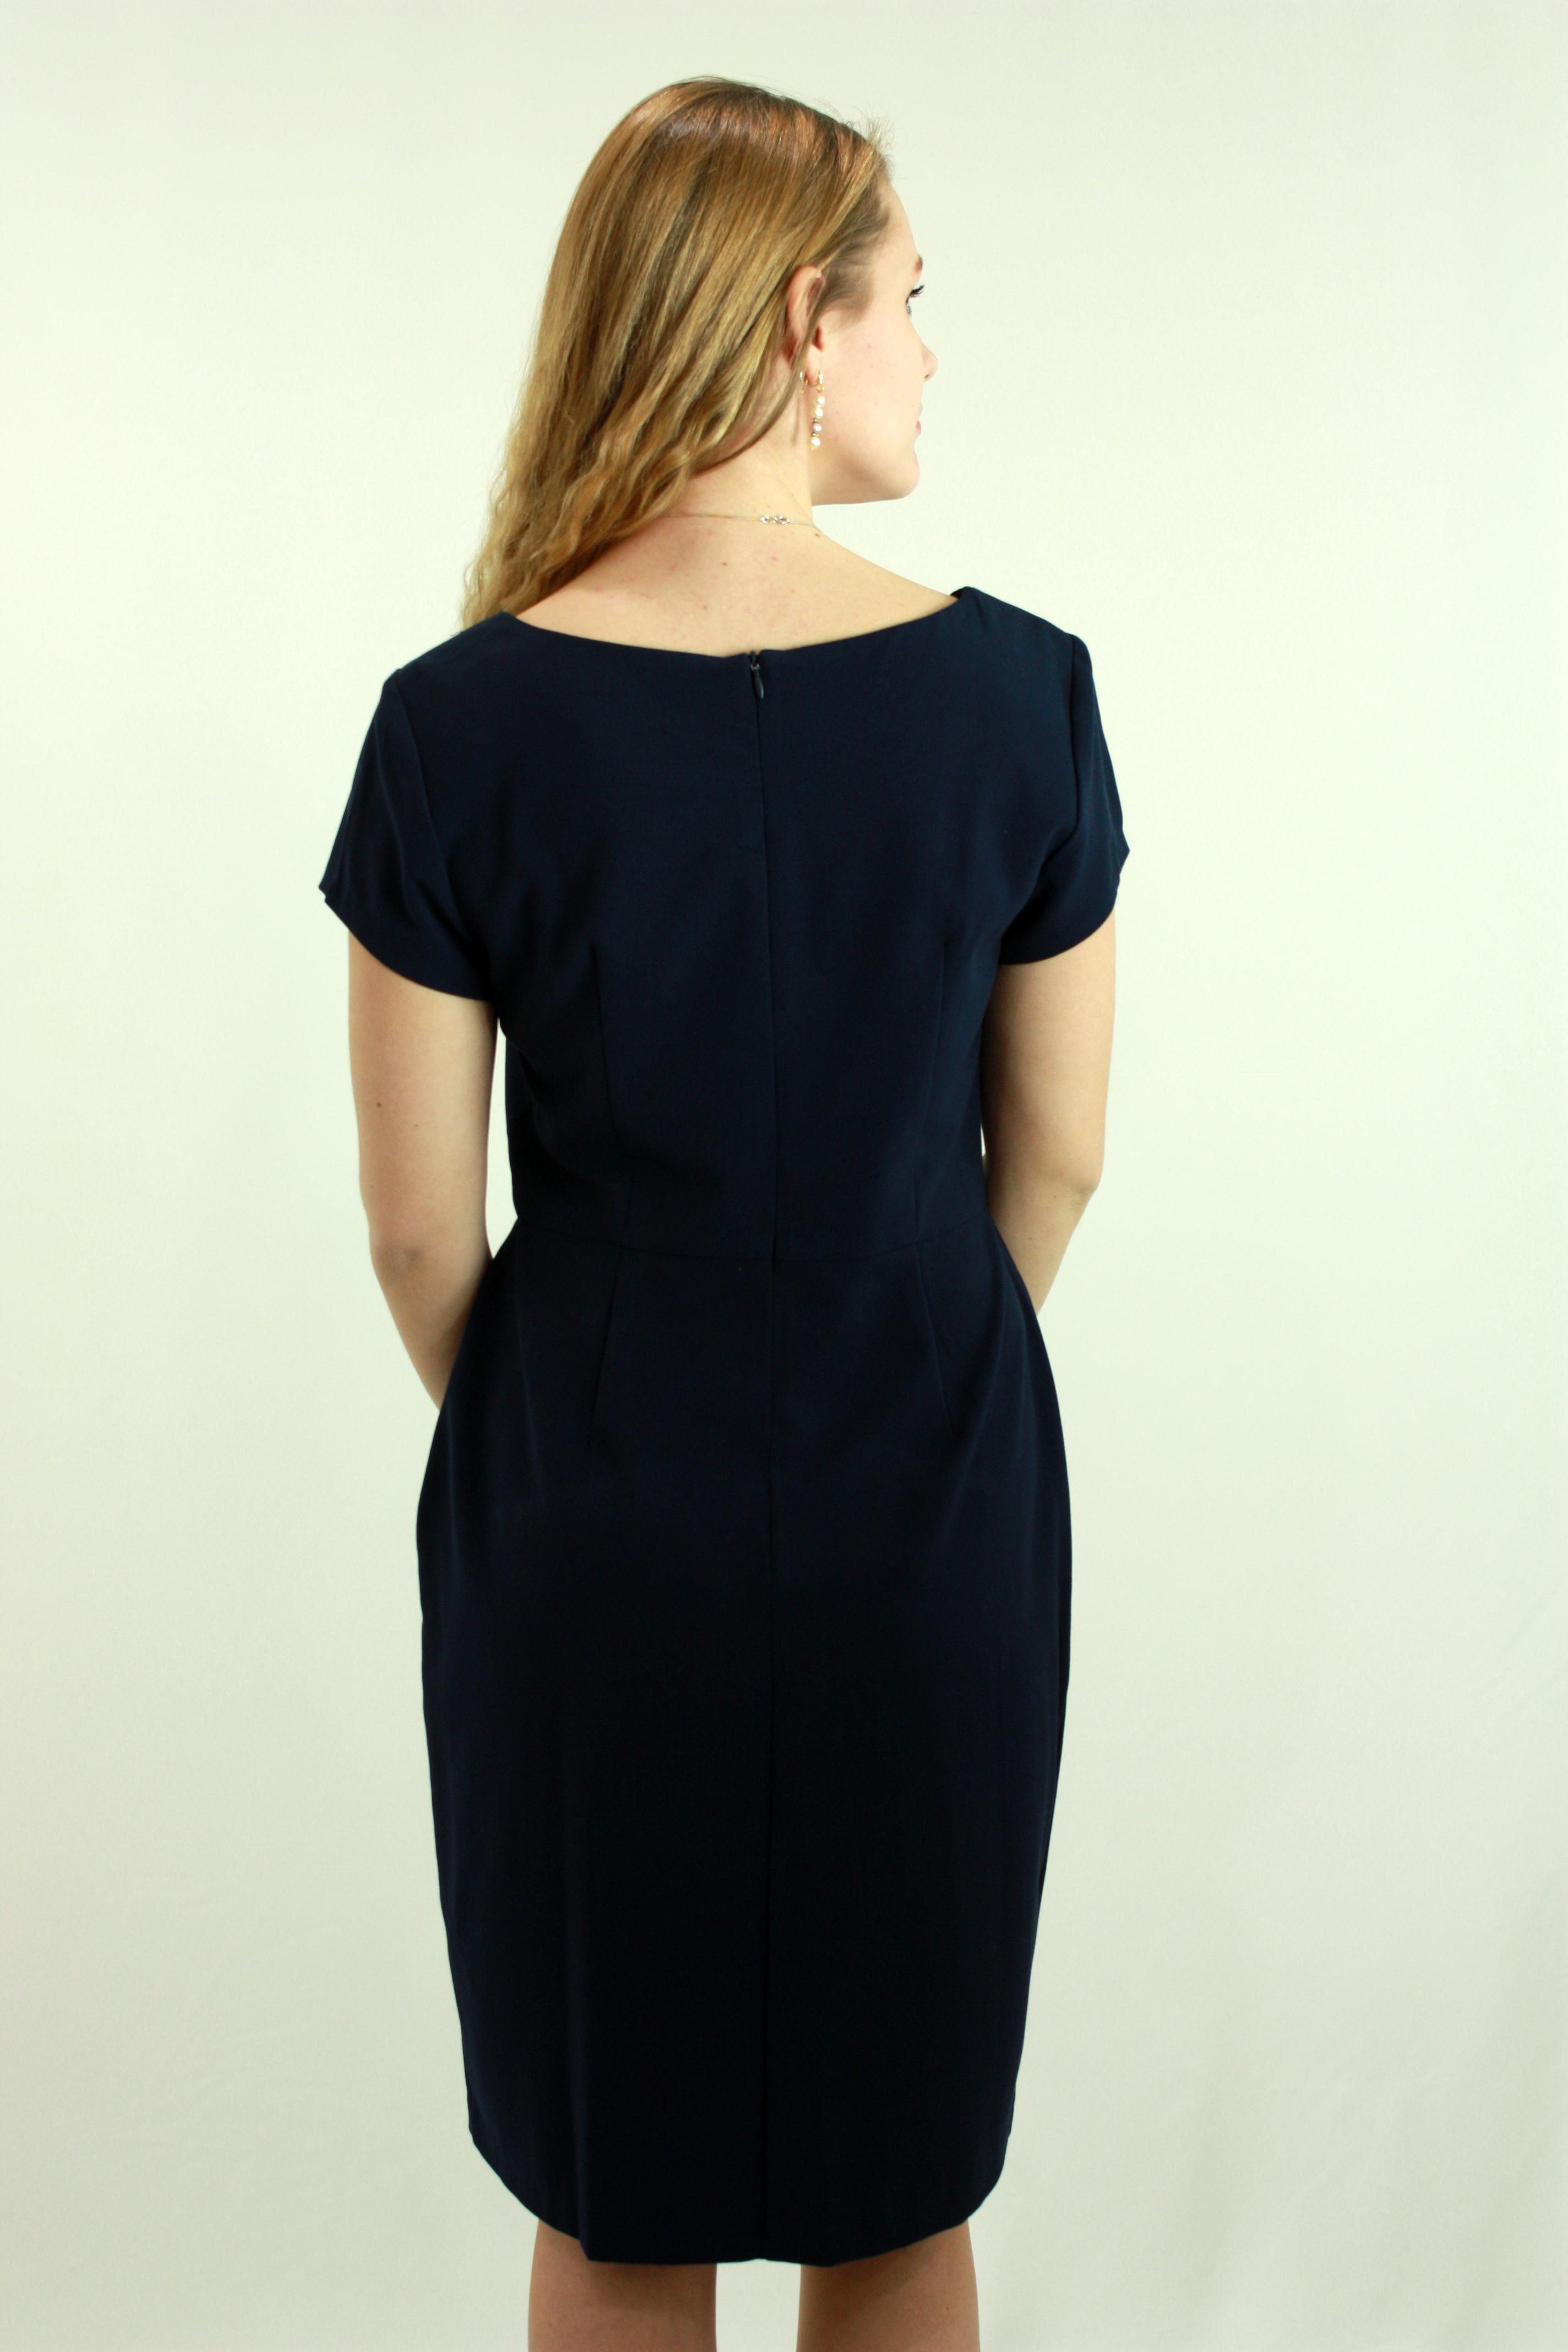 Navy blue causal dress